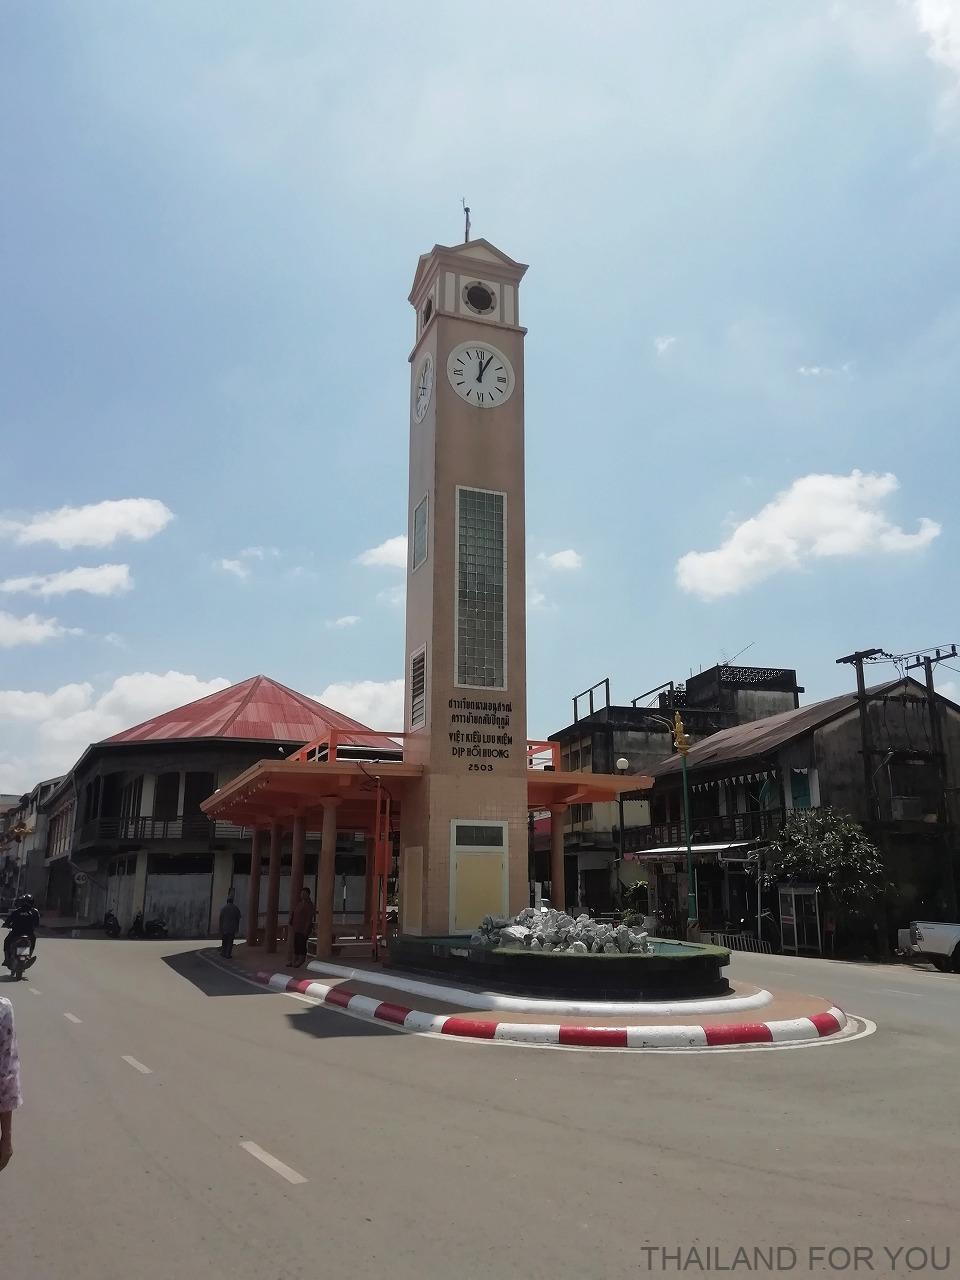 ナコンパノム ベトナム時計塔 タイ